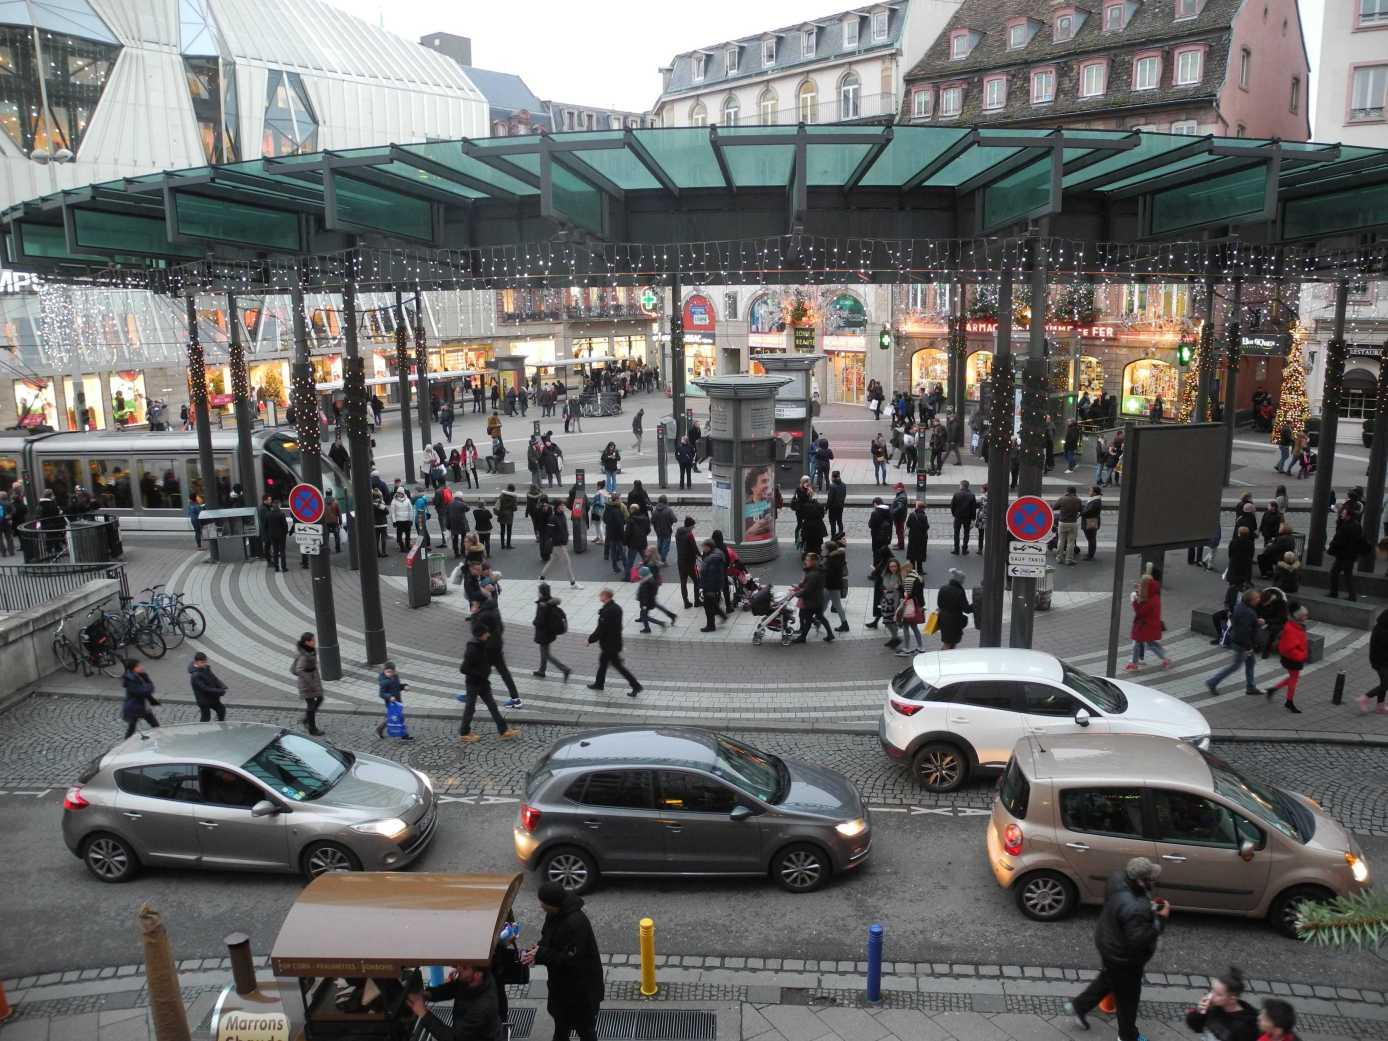 Quel bordel! Die Place Homme de Fer zwischen den Jahren, zwischen stop & go, rot und grün, Auto, Tram und Vélo, links oder rechts ... Wann wird es endlich wieder ruhiger? Sobald das Jahr anfängt ... (etwas)